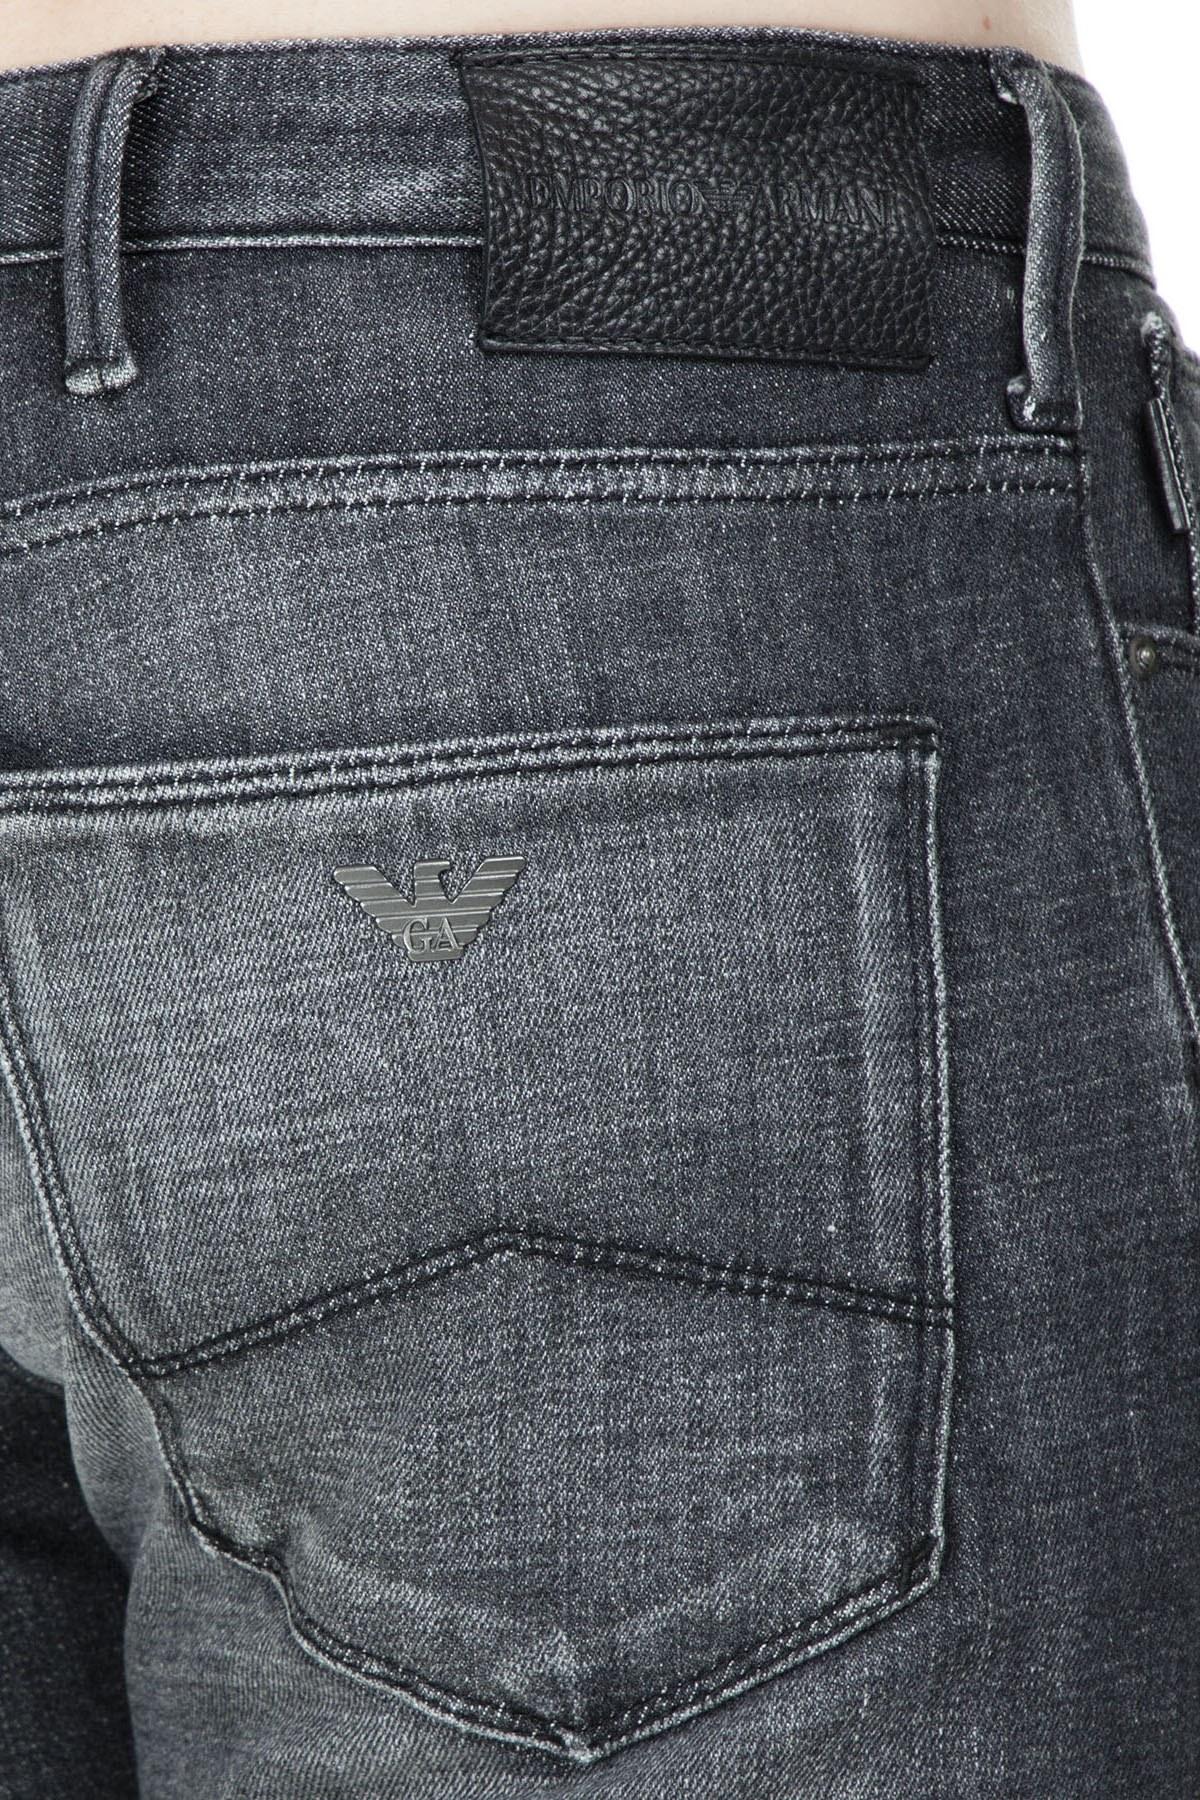 Emporio Armani J06 Jeans Erkek Kot Pantolon S 3G1J06 1D3GZ 0005 SİYAH